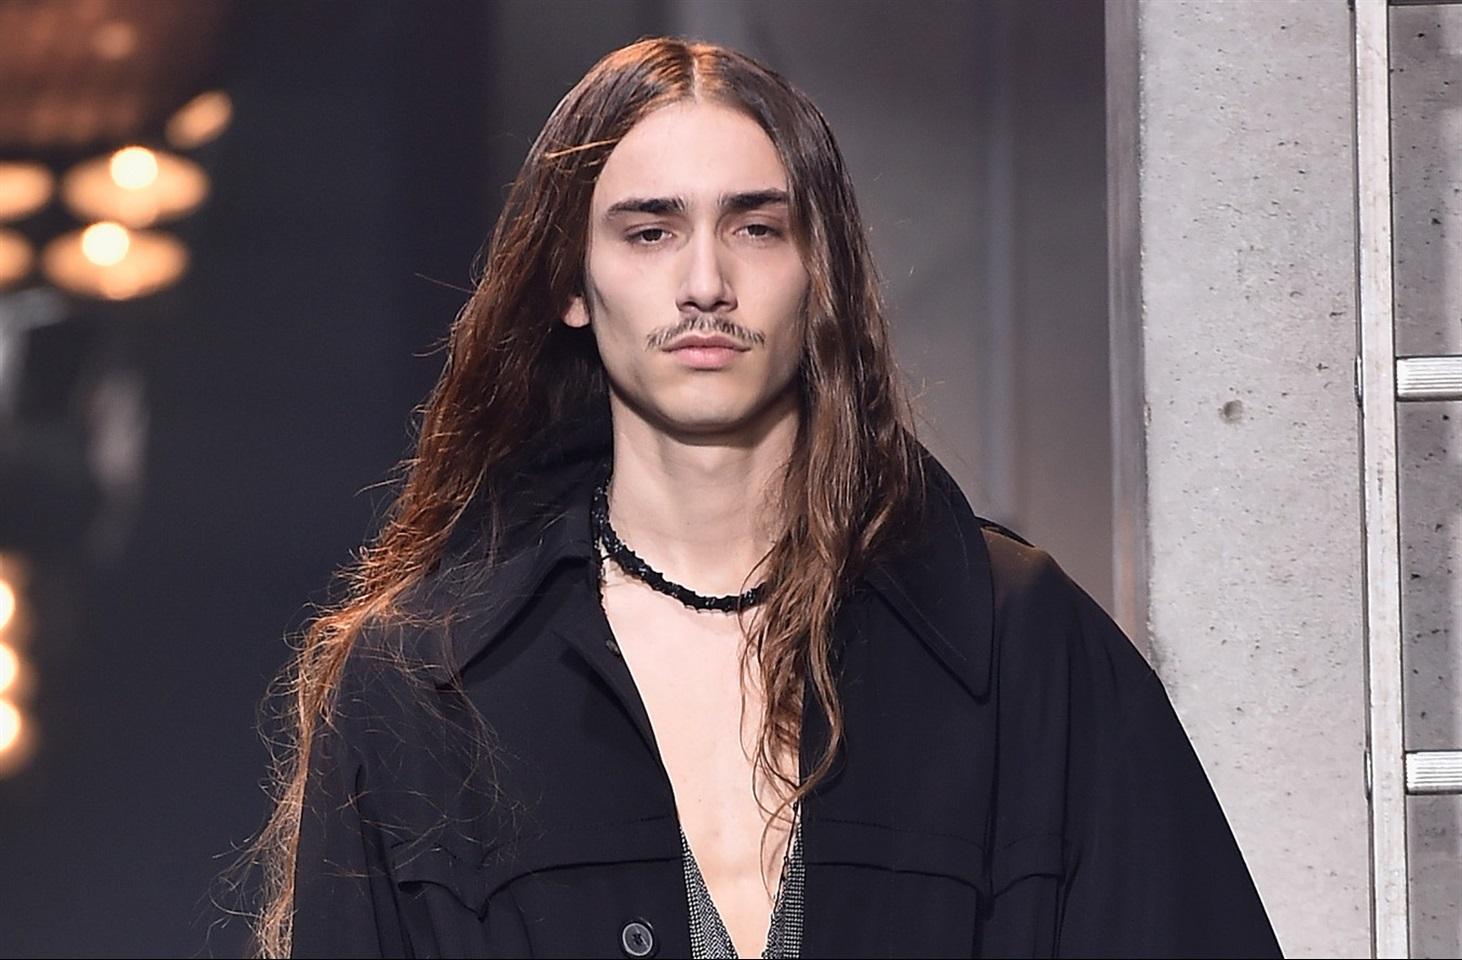 Ragazzi capelli lunghissimi